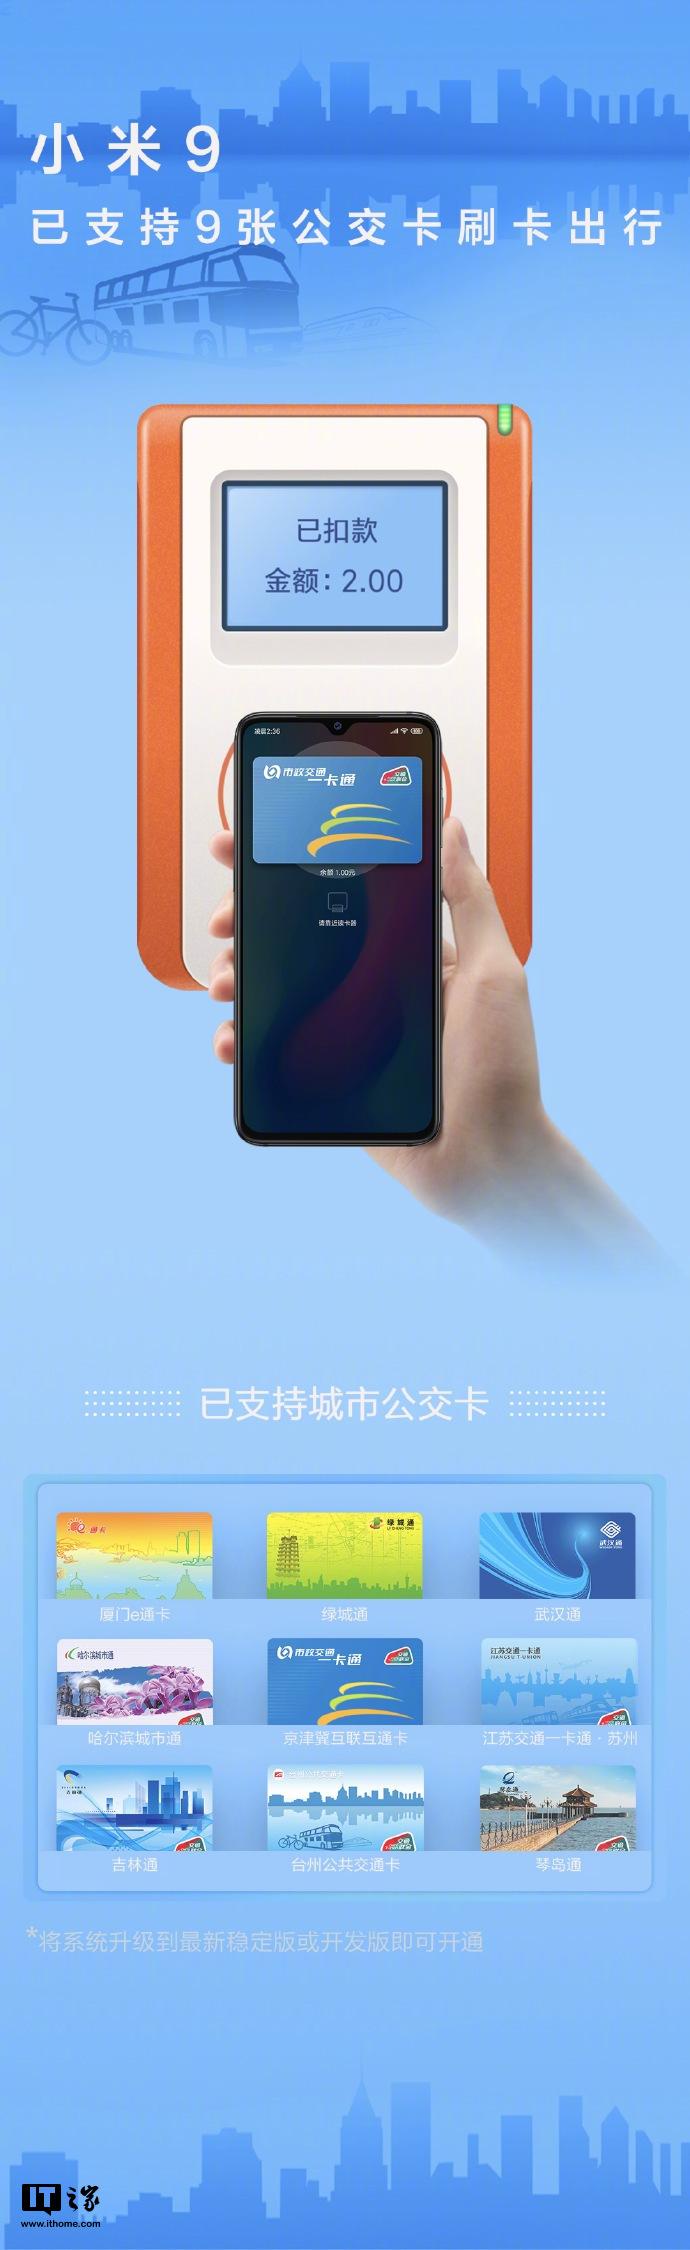 小米9系列最新支持厦门e通卡,已累计支持9张公交卡